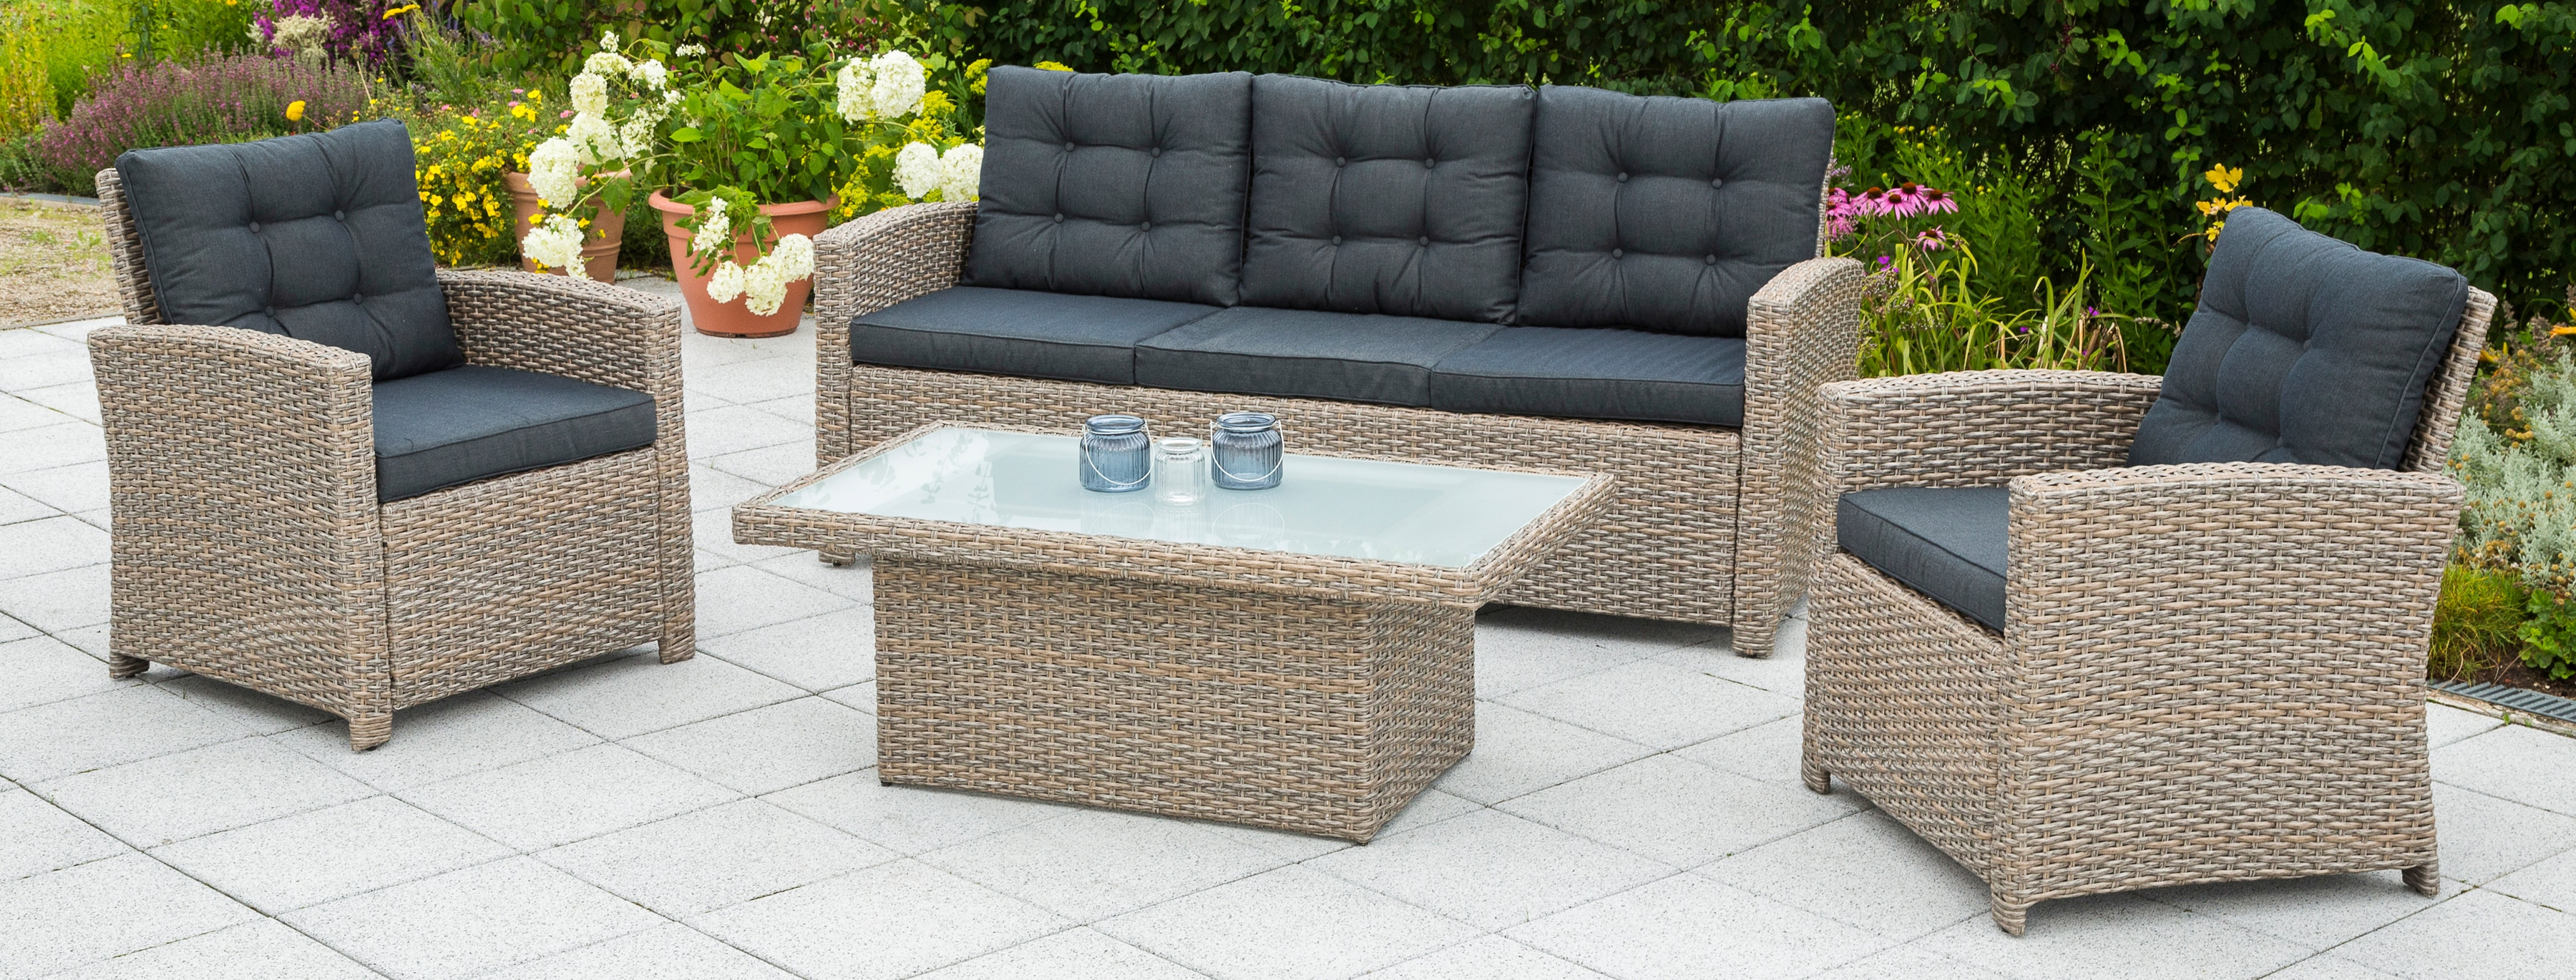 Natur Polyrattan Gartenmöbel Set Online Kaufen Möbel Suchmaschine